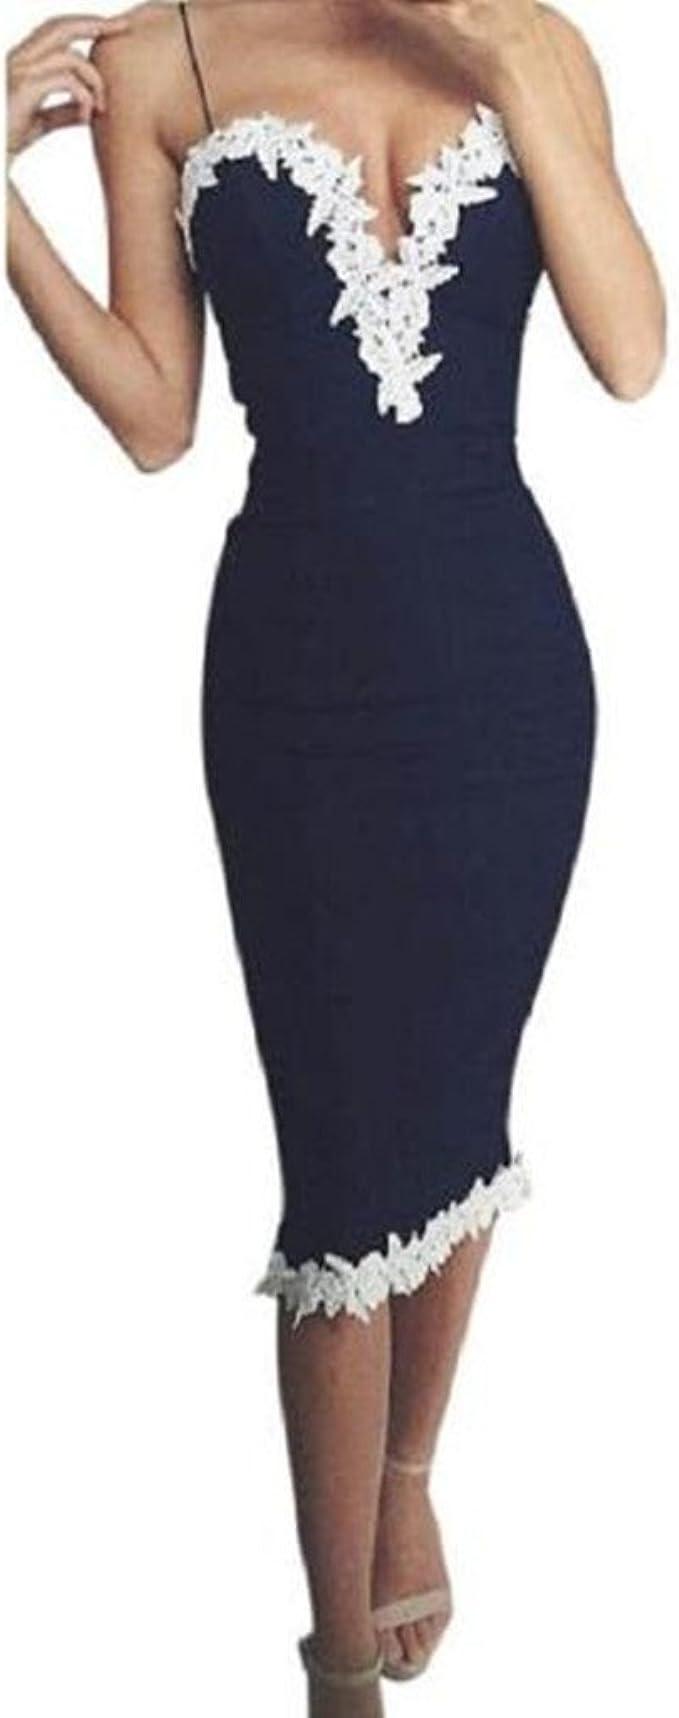 Elecenty Damen V-Ausschnitt Sommerkleid Schulterfrei Abendkleider  Spitzekleid Bodycon Partykleid Langes Kleider Frauen Mode Kleid  Cocktailkleider